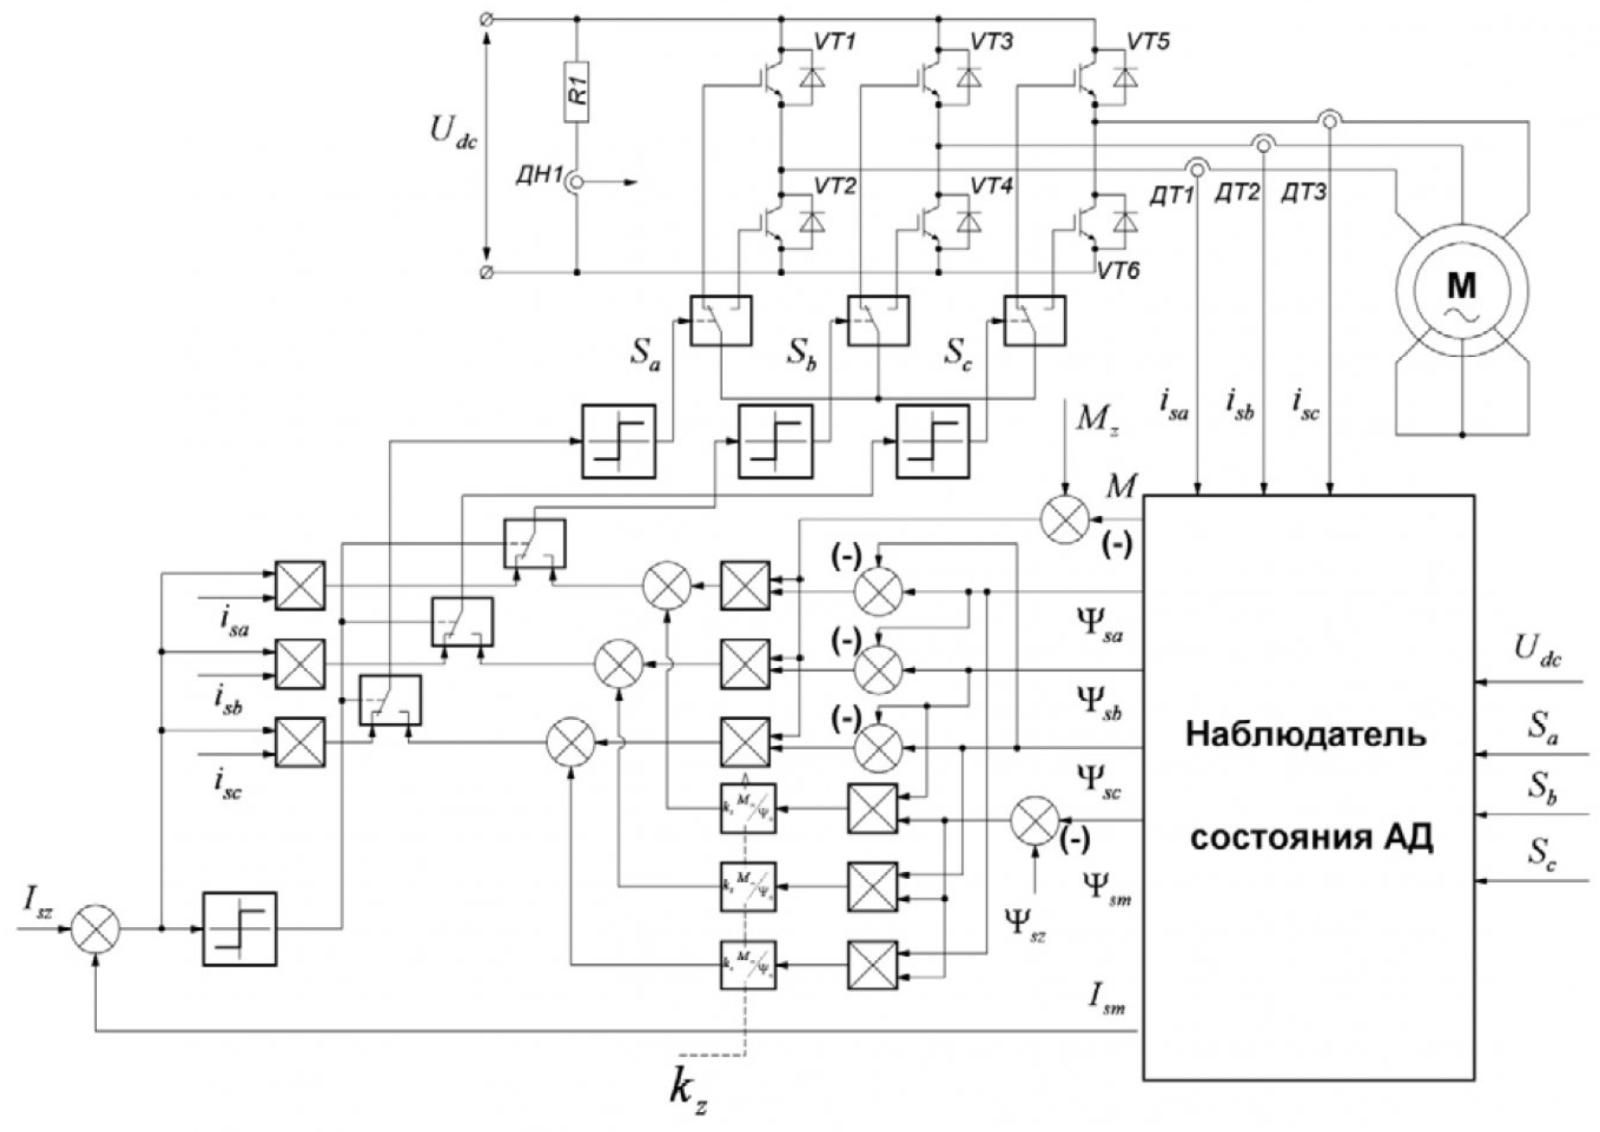 Рисунок 1 – Структурная схем предложенного варианта управления